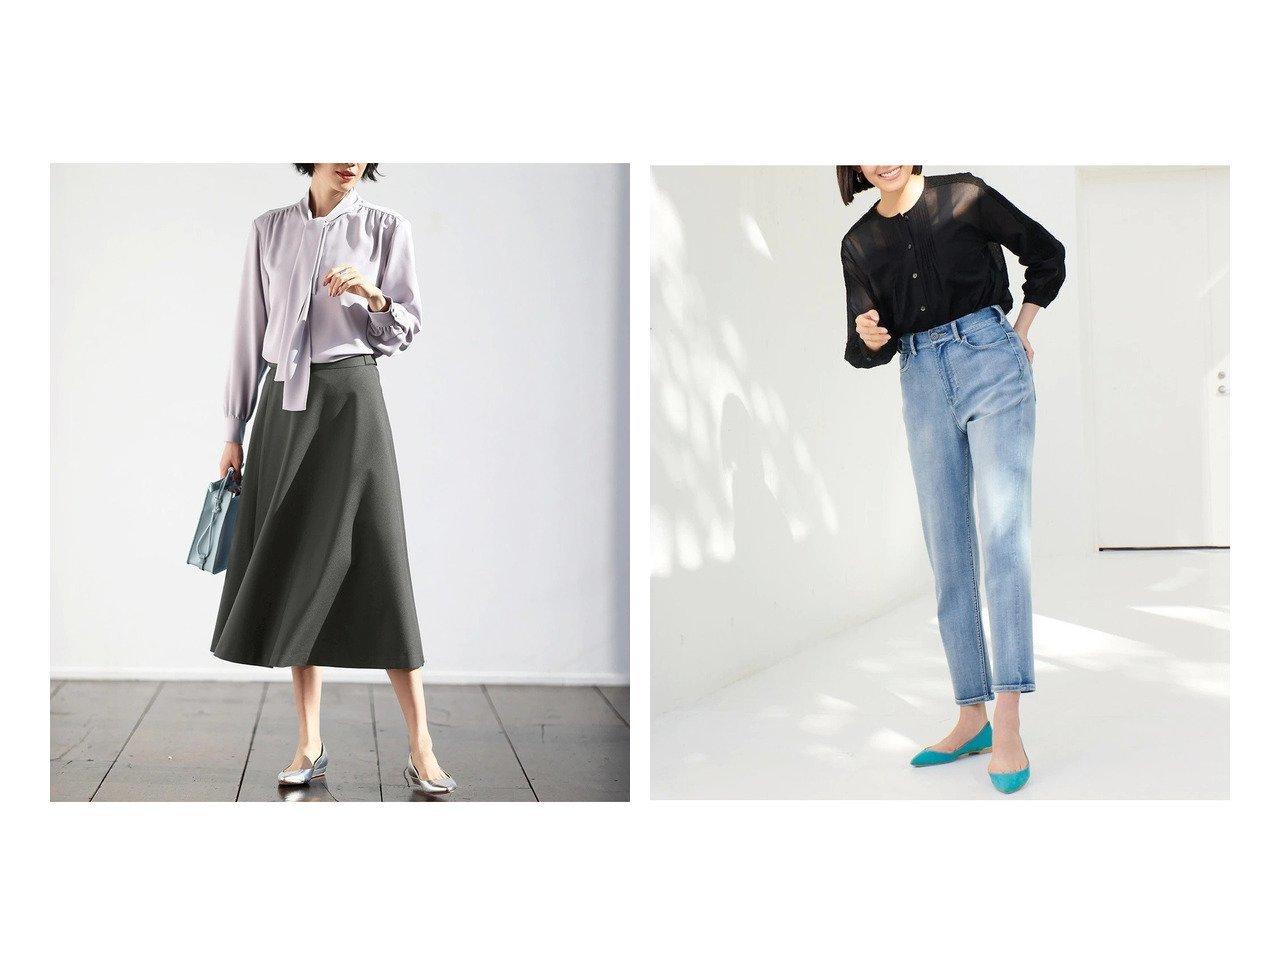 【DoCLASSE/ドゥクラッセ】のストレッチツイル・ミディフレアスカート&甘撚りエアーデニム・テーパード ドゥクラッセの40代、50代の方におすすめ!人気トレンド・ファッションの通販 おすすめで人気の流行・トレンド、ファッションの通販商品 メンズファッション・キッズファッション・インテリア・家具・レディースファッション・服の通販 founy(ファニー) https://founy.com/ ファッション Fashion レディースファッション WOMEN スカート Skirt Aライン/フレアスカート Flared A-Line Skirts くるぶし テーパード パターン ストレッチ フレア 楽ちん |ID:crp329100000021638